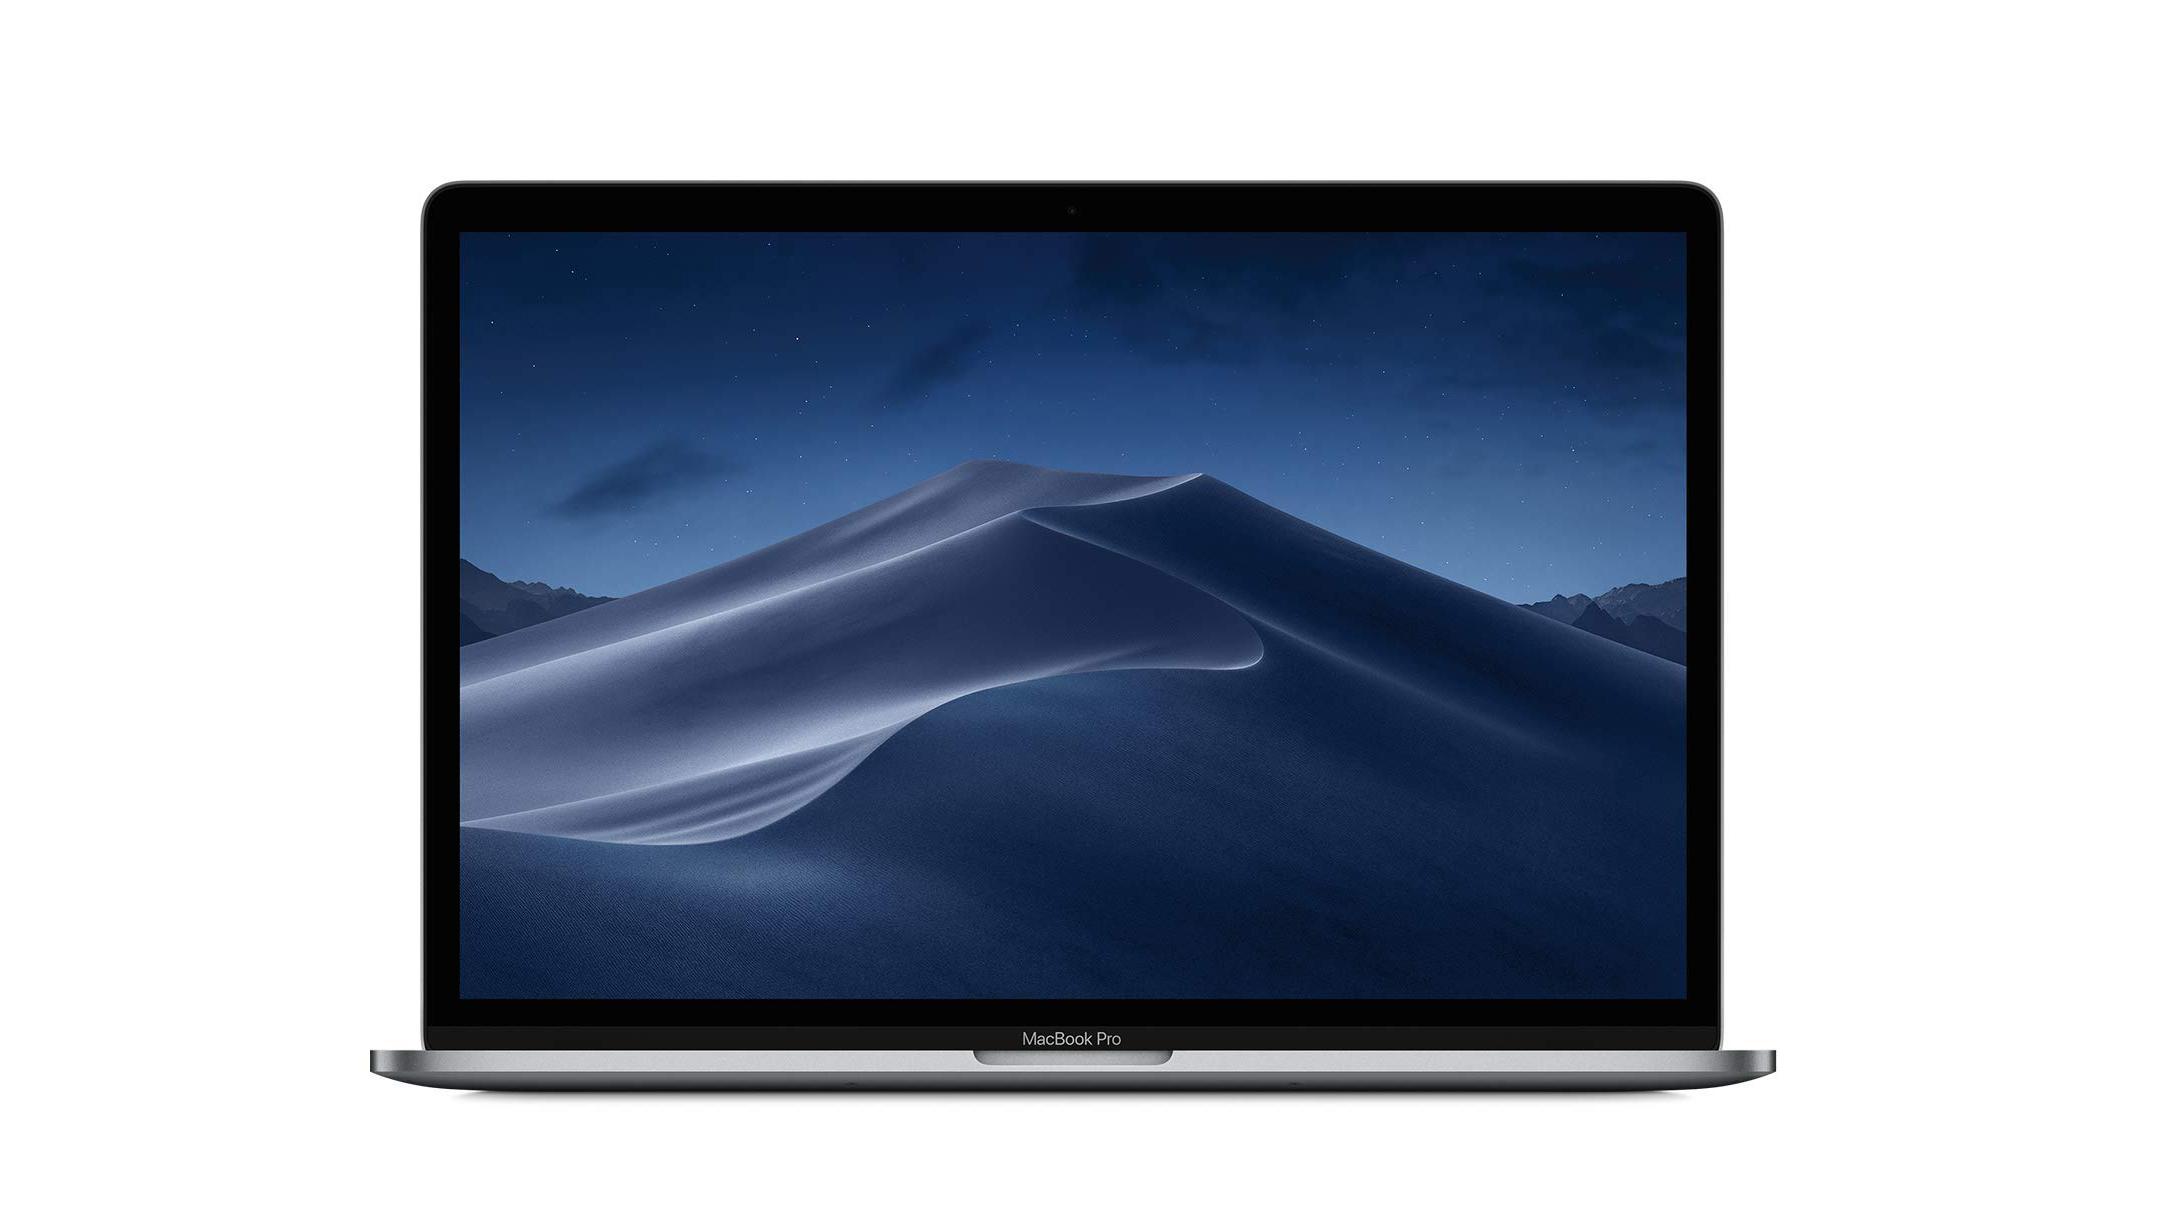 MacBook Pro 15-inch (2019)